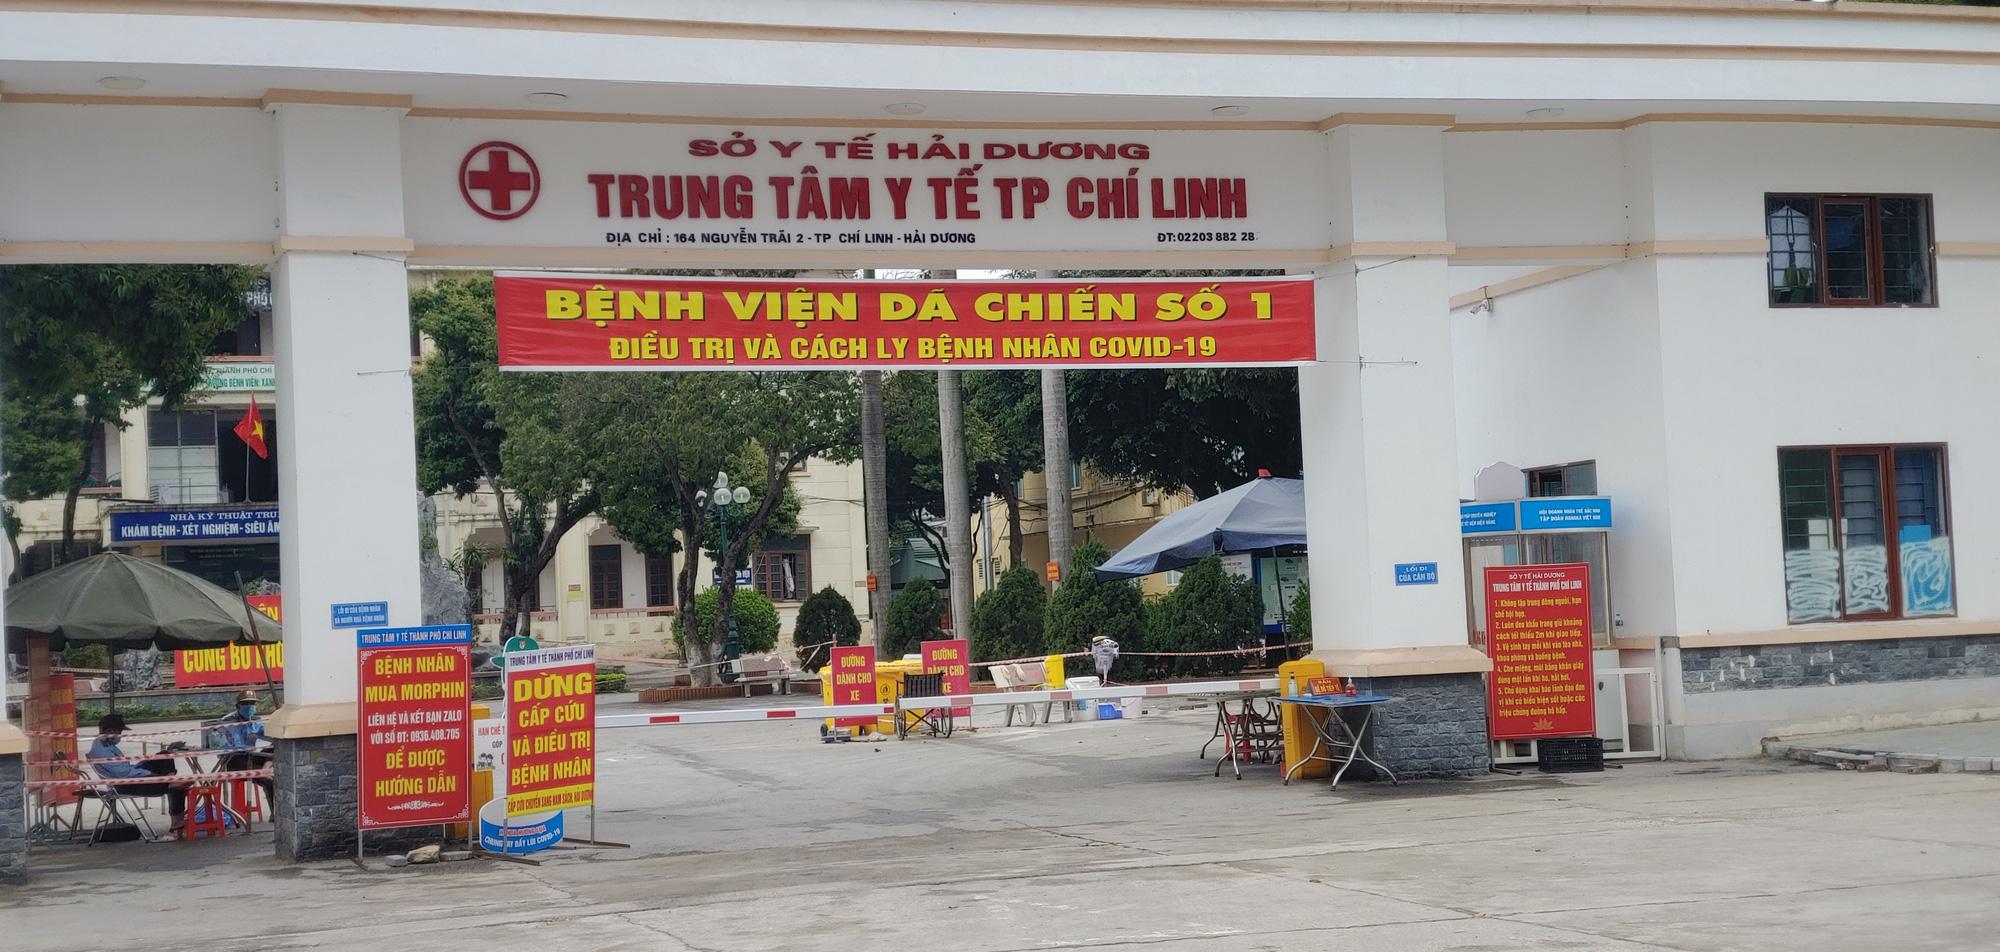 Hải Dương: Bệnh nhân Covid-19 giảm mạnh, Bệnh viện dã chiến số 1 ở TP. Chí Linh giải thể - Ảnh 1.